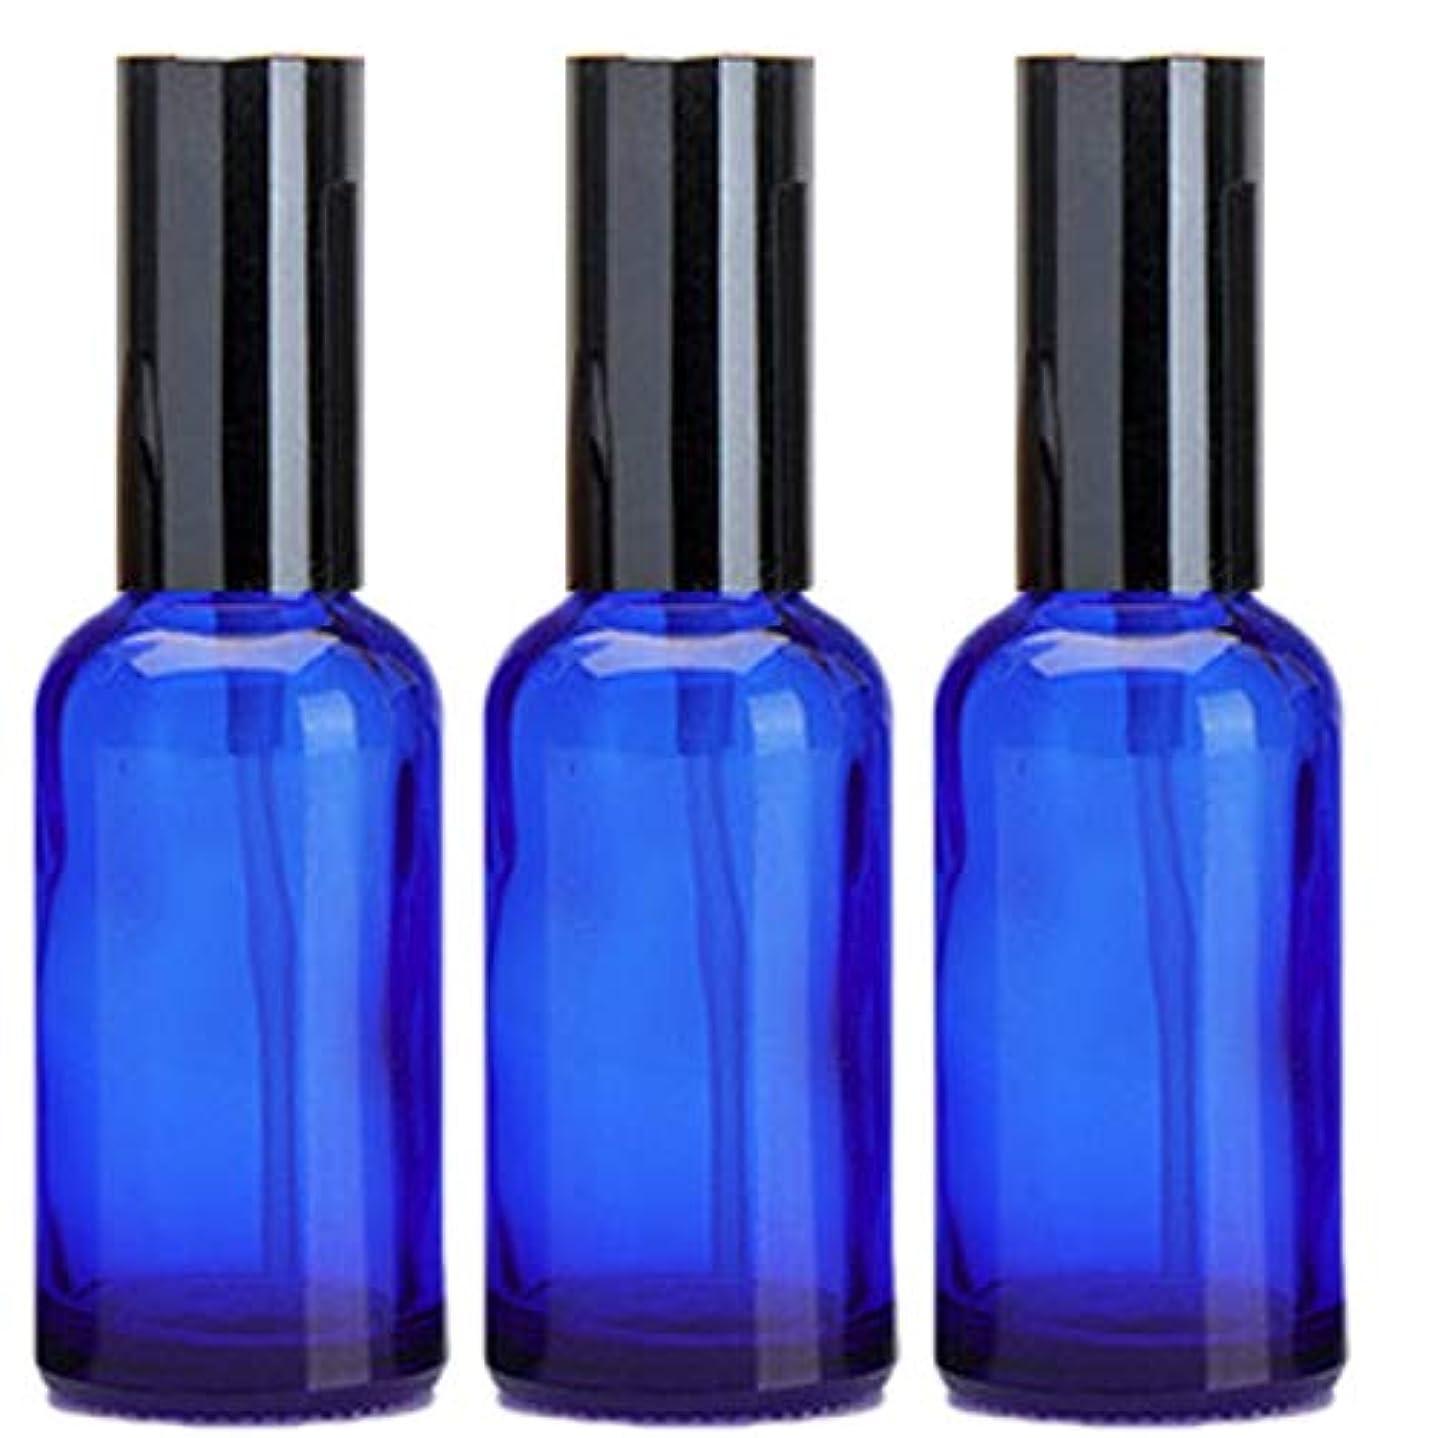 不測の事態航空機早熟乳液 ボトル 3本セット クリーム容器 アロマクリーム ハンドクリーム 遮光瓶 ガラス 瓶 アロマ ボトル ビン 保存 詰替え 青色 ブルー (30m?3本)